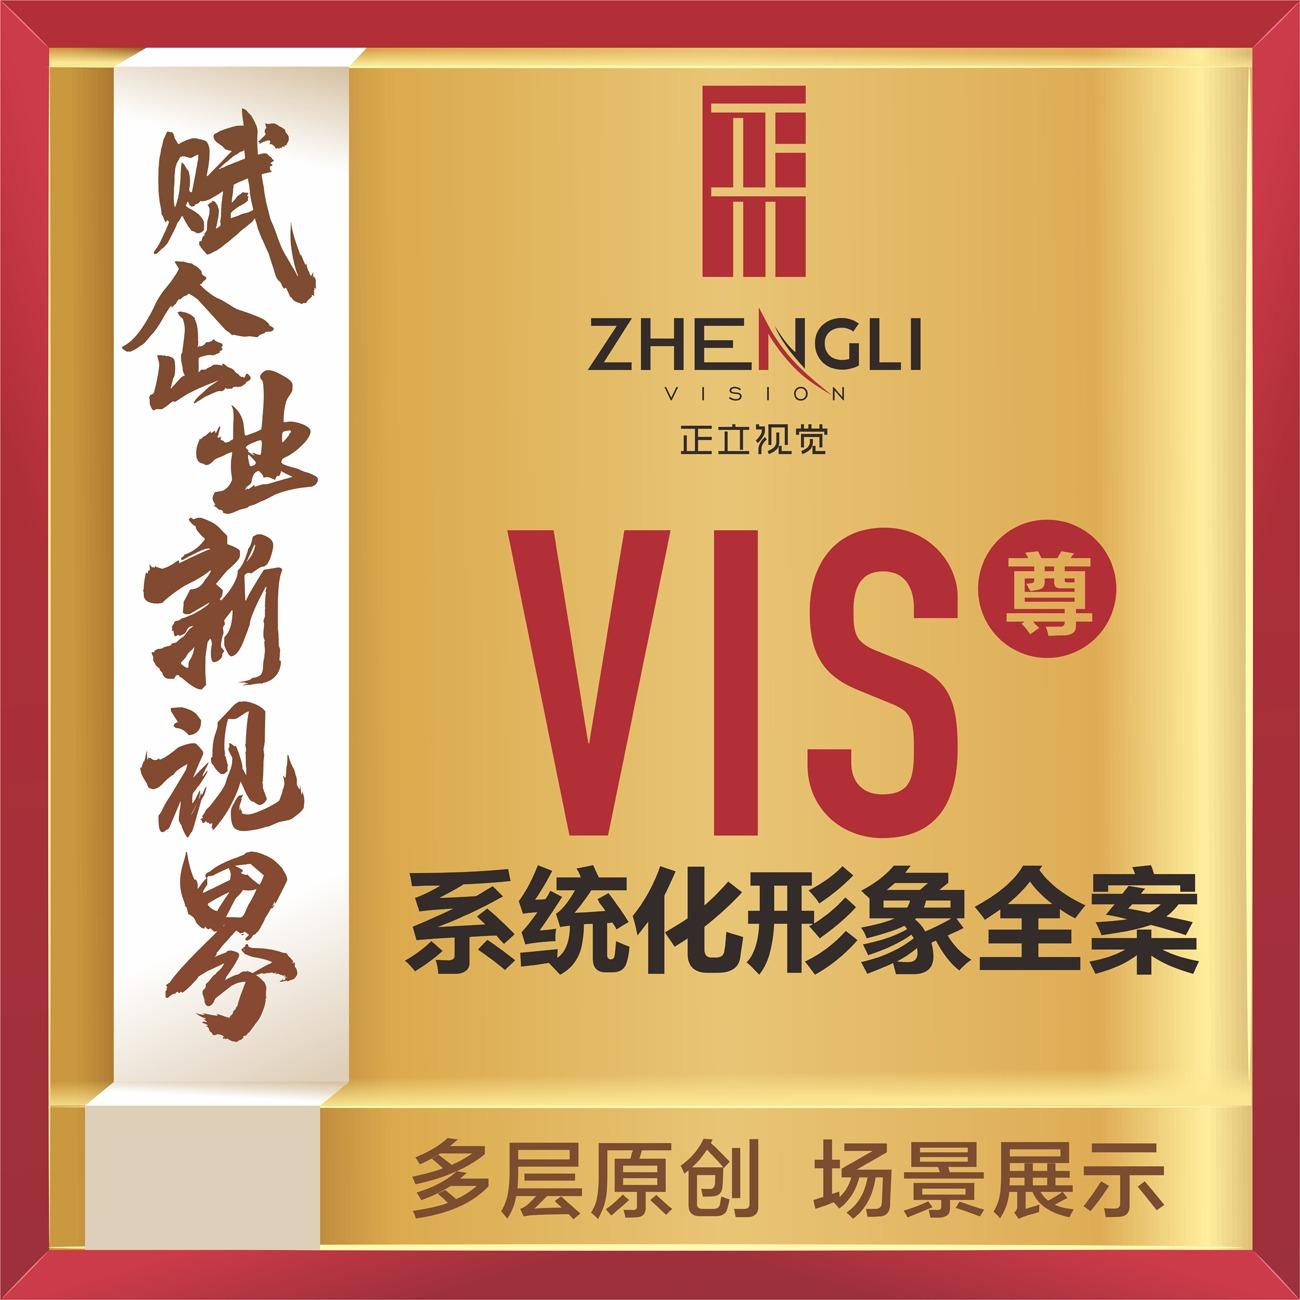 正立形象vi设计视觉系统办公系统高端vi视觉设计企业原创VI